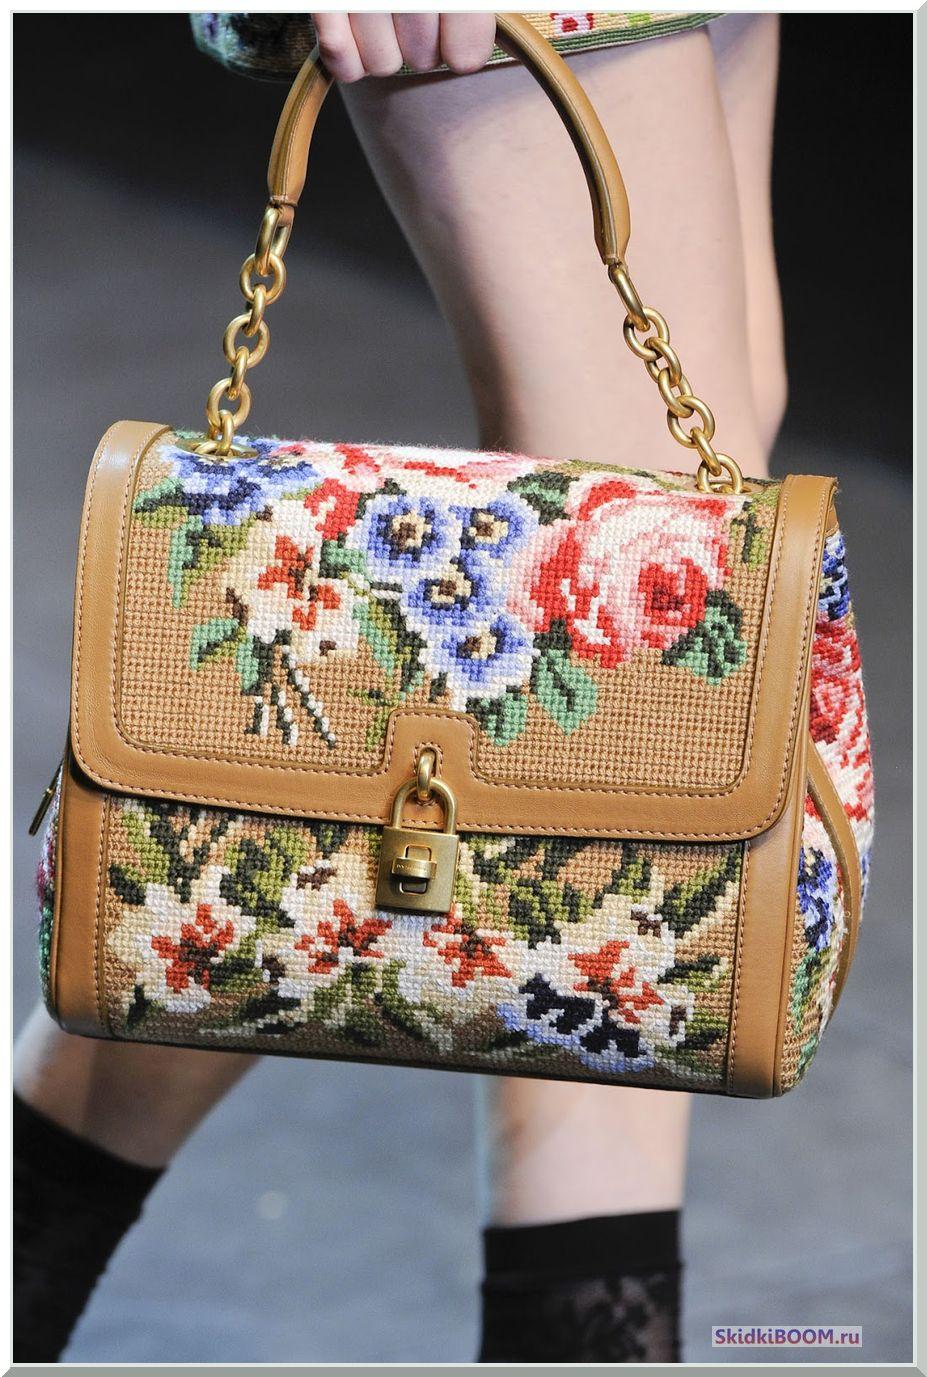 Модные тенденции в одежде сумочка с вышивкой